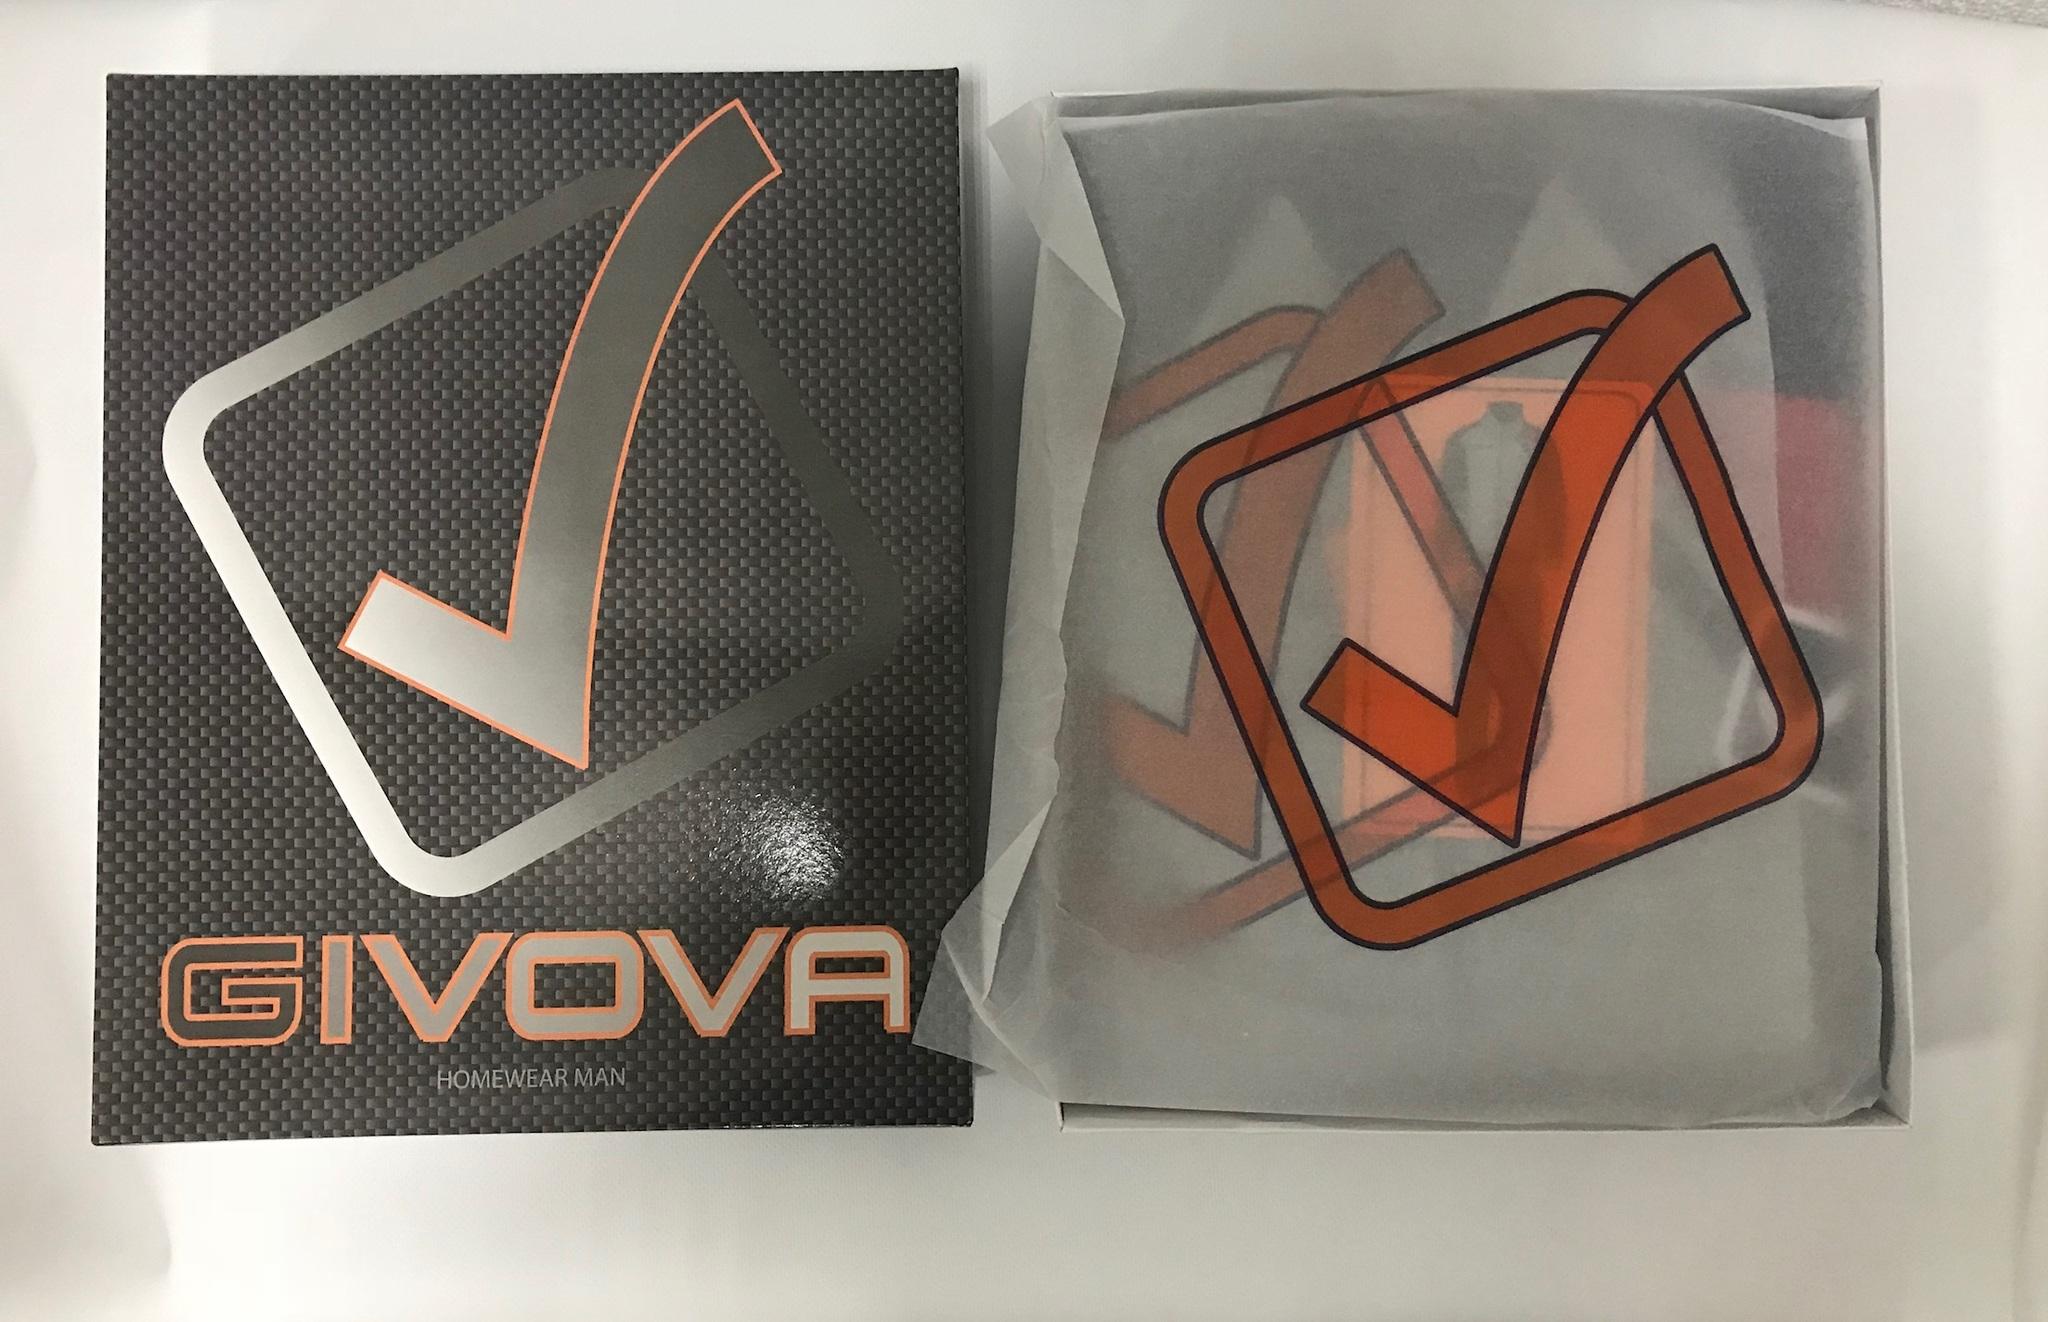 GIVOVA-итальянские спортивные костюмы, мужские.http://lvivopt.com.ua/